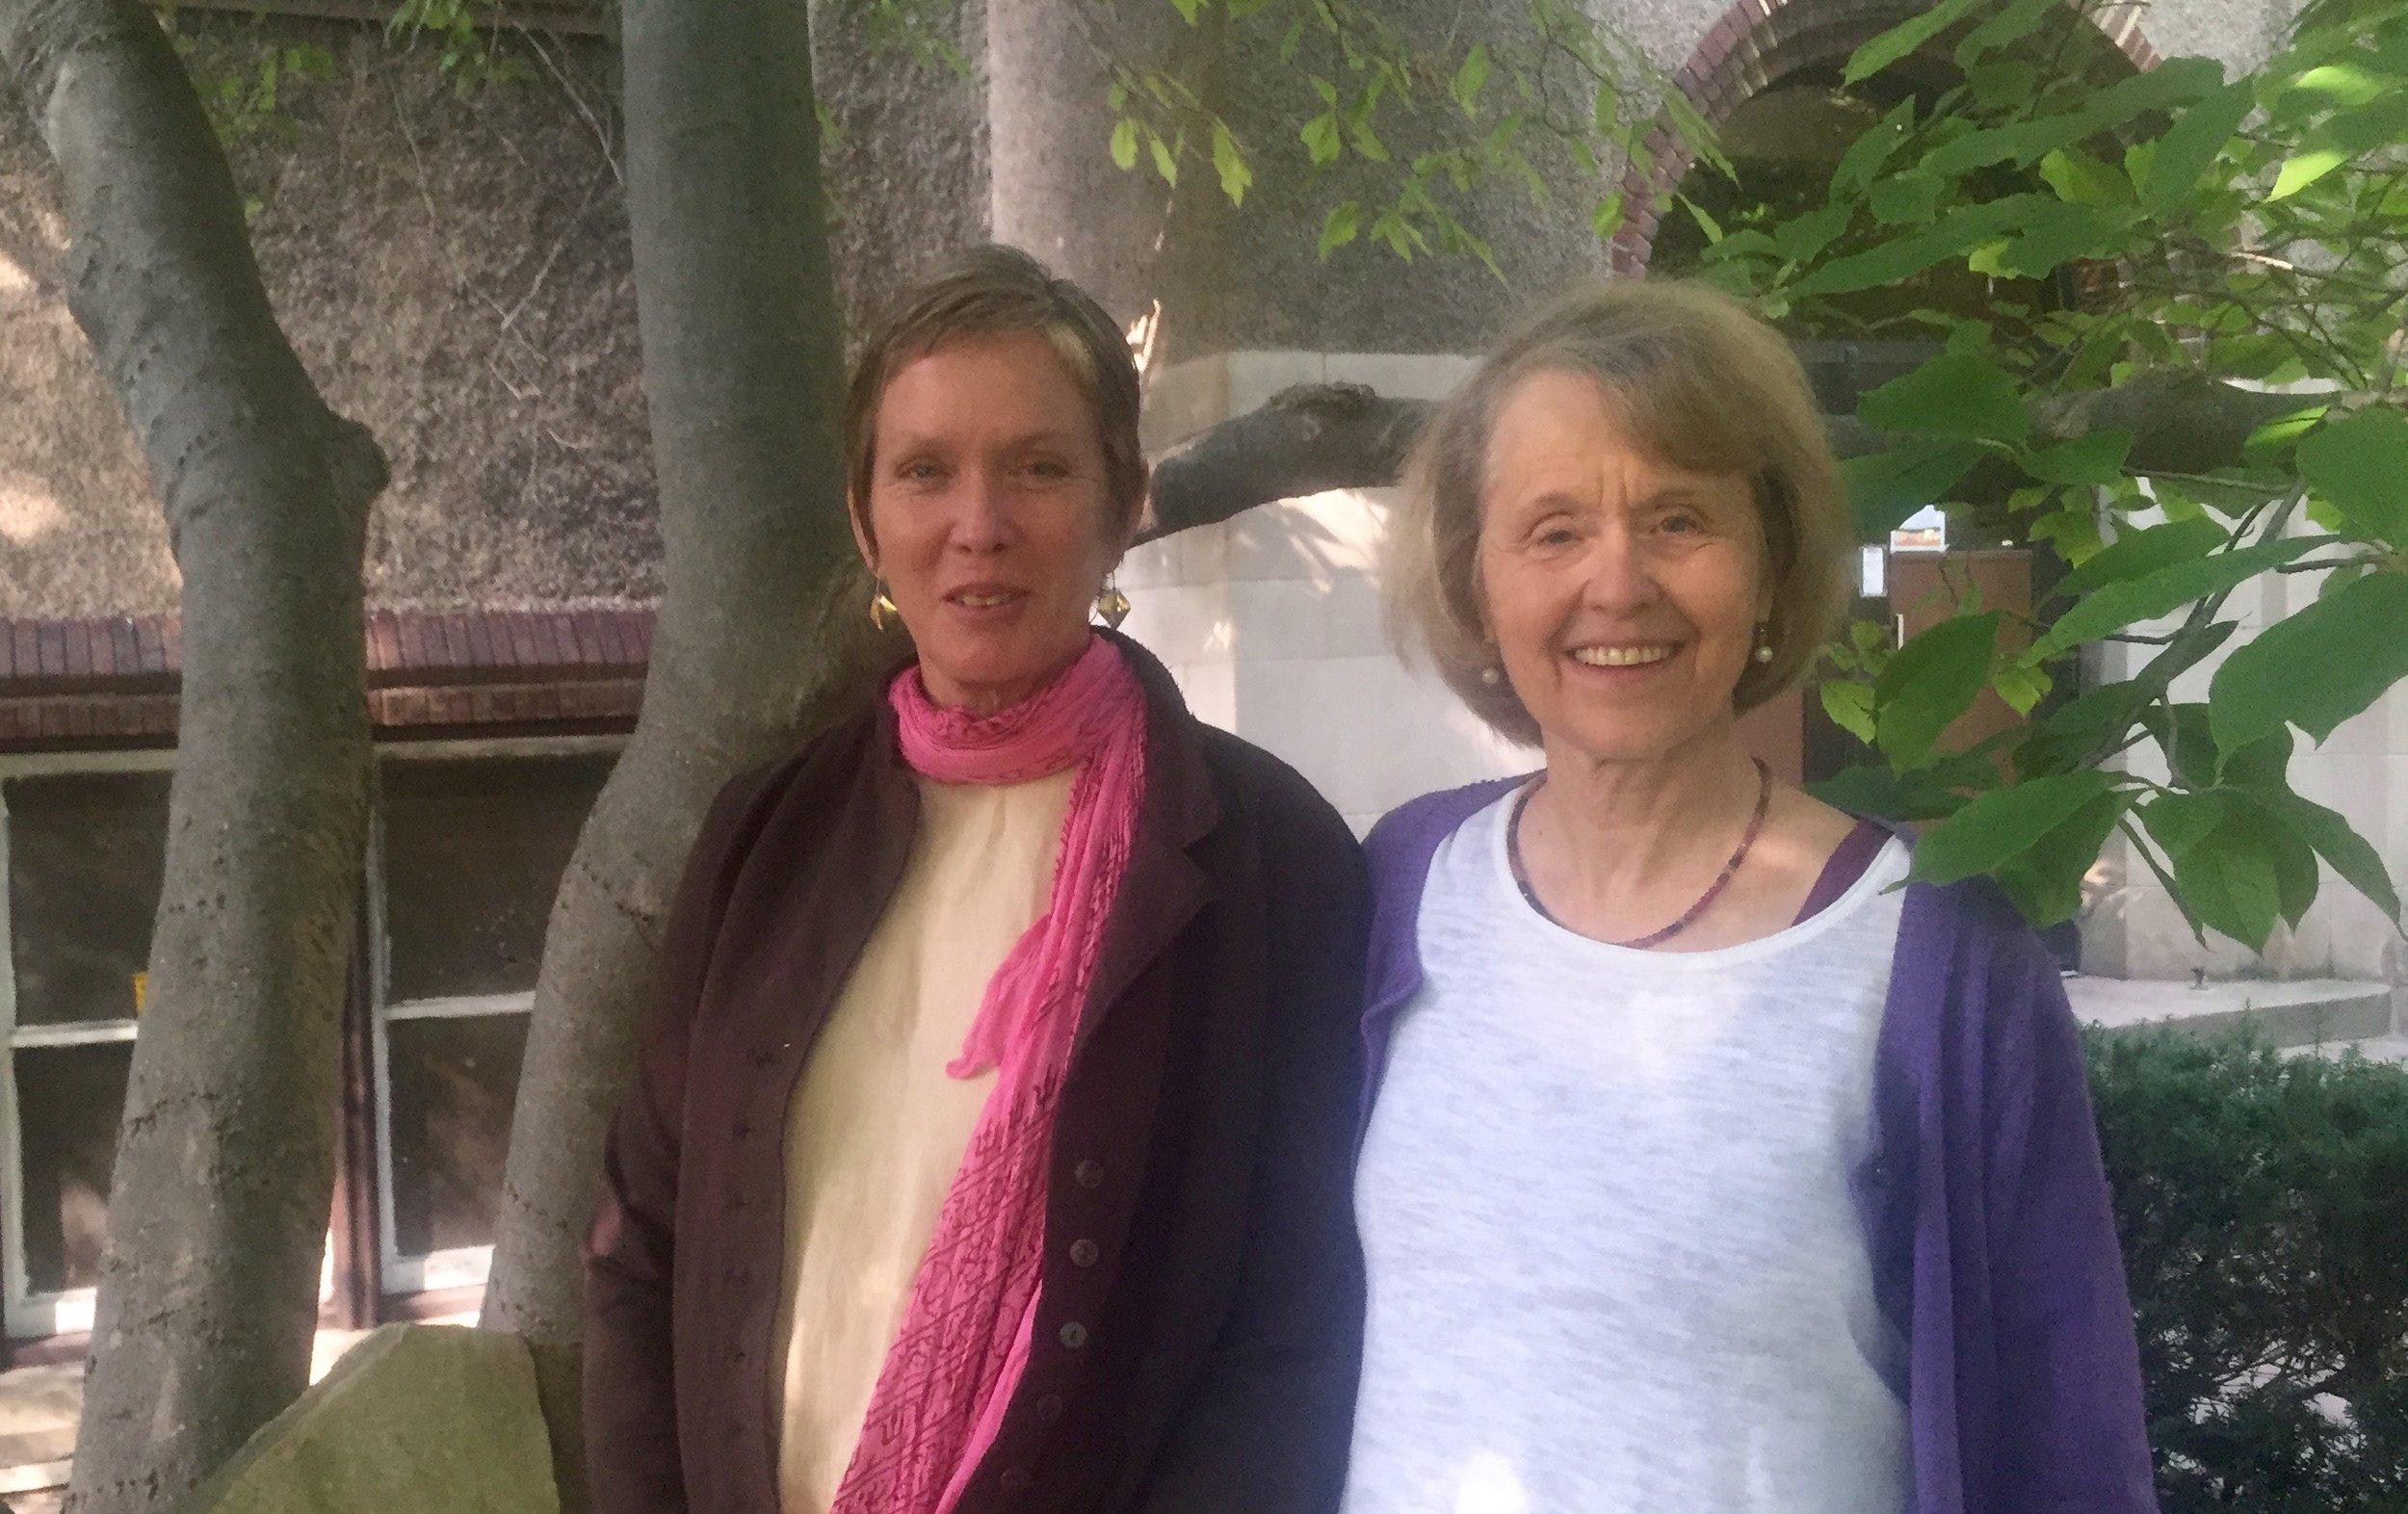 Sarah Addae and Susann Eddy